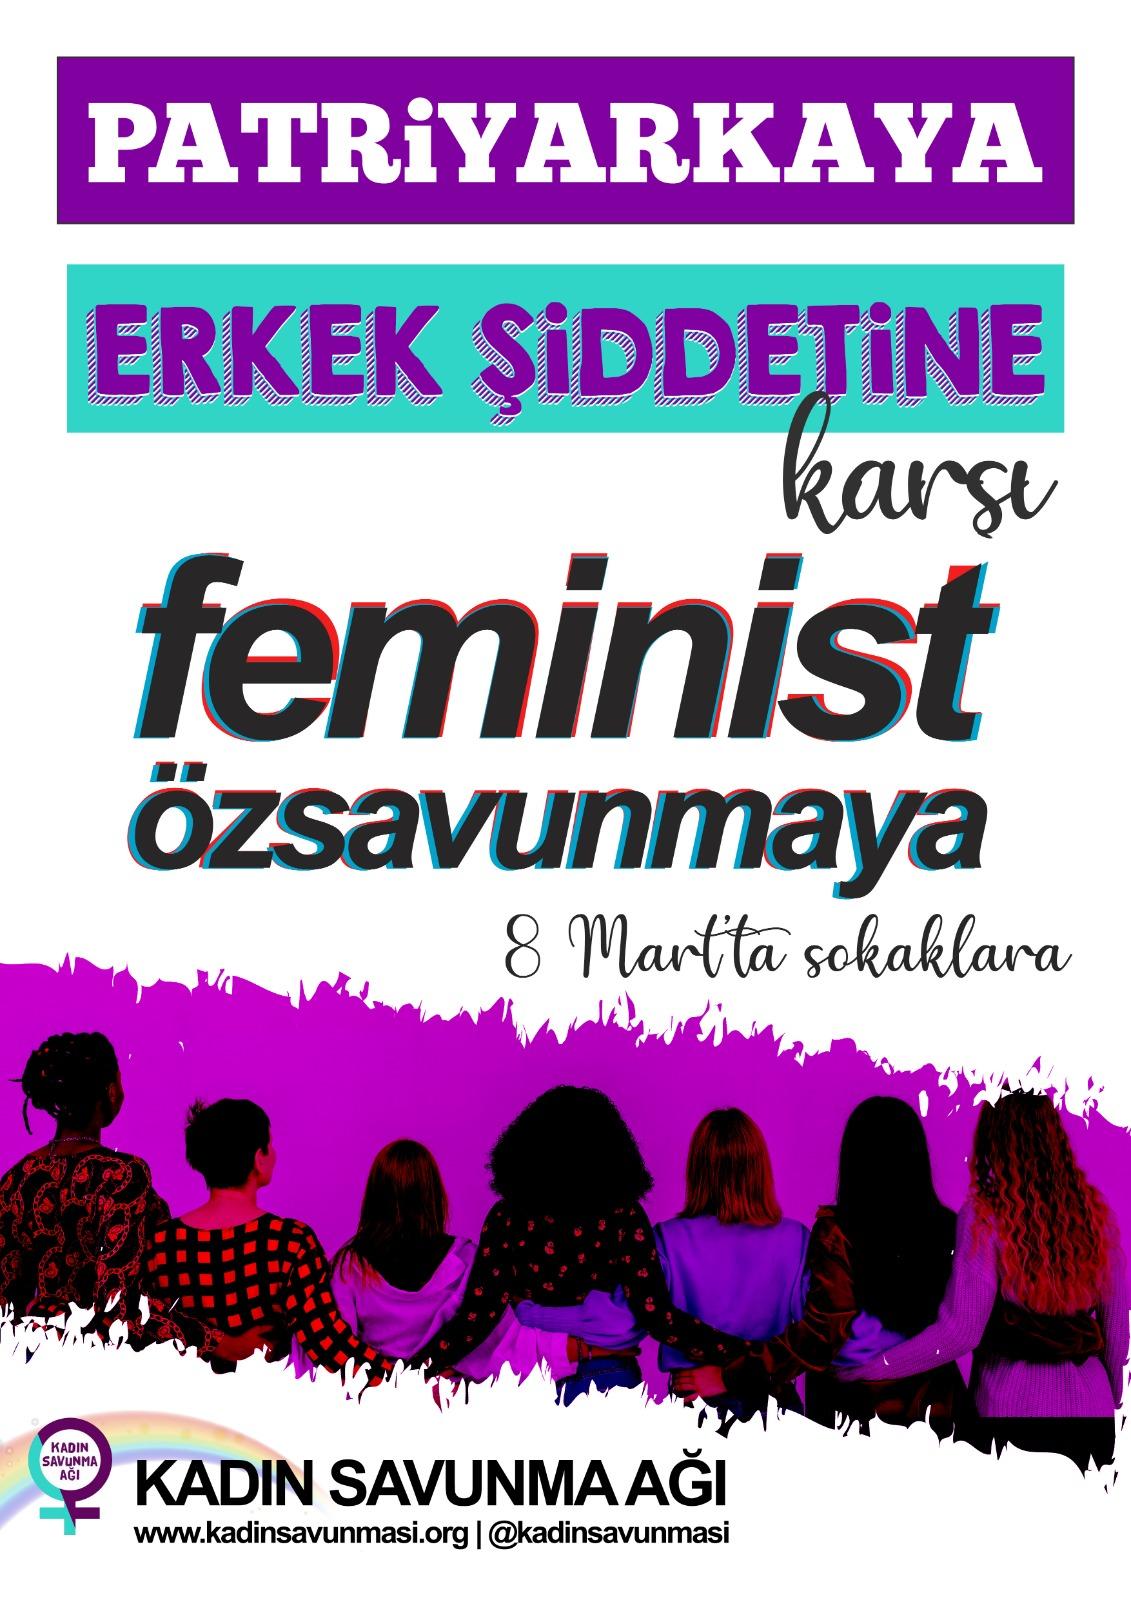 Patriyarkaya, erkek şiddetine karşı Feminist Özsavunmaya. 8 Mart'ta sokaklara!